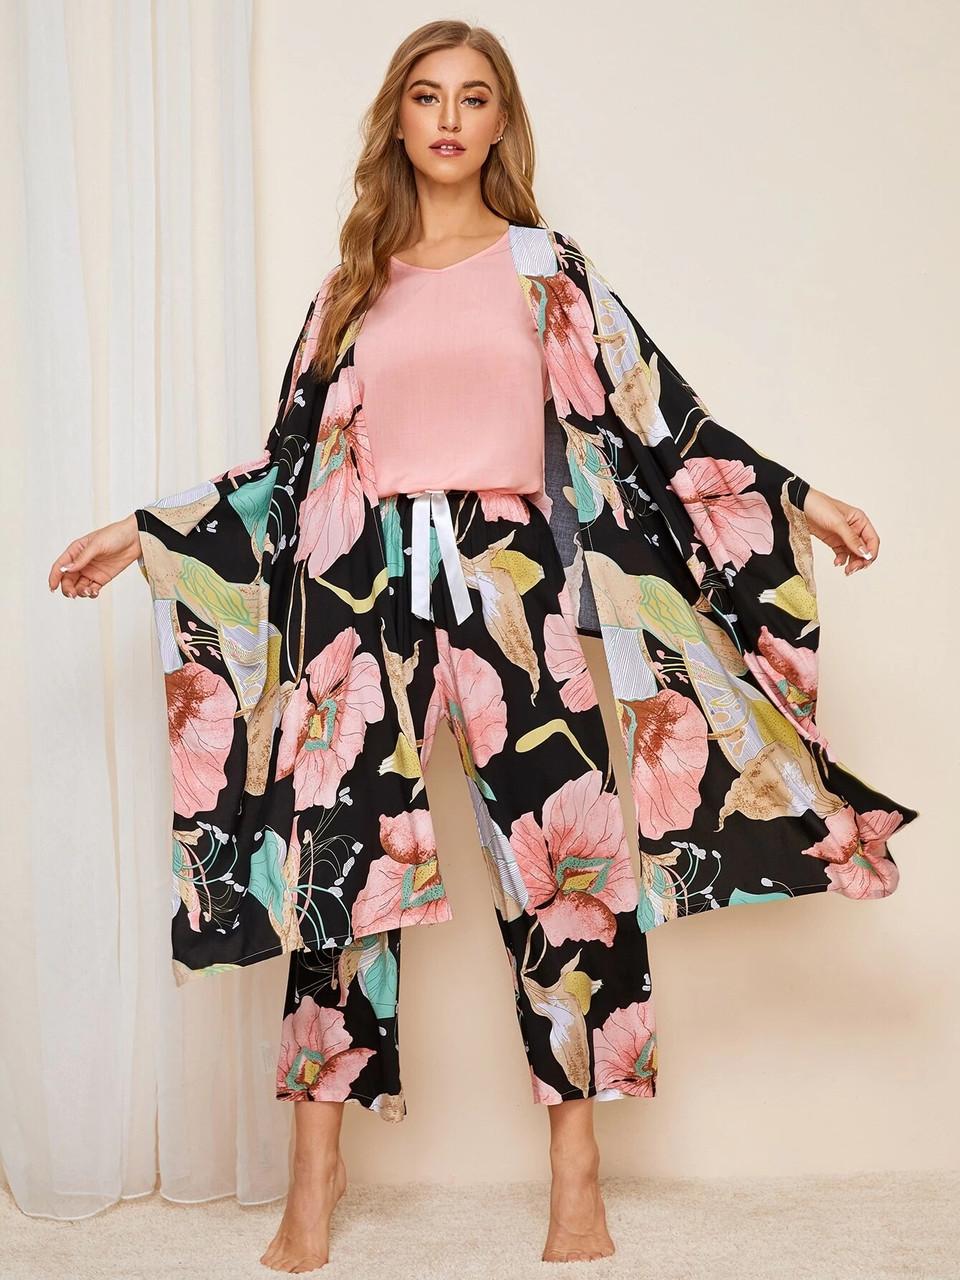 Комплект для сна, дома из 4 предметов. Пижама женская из вискозы с цветочный принтом, размер L